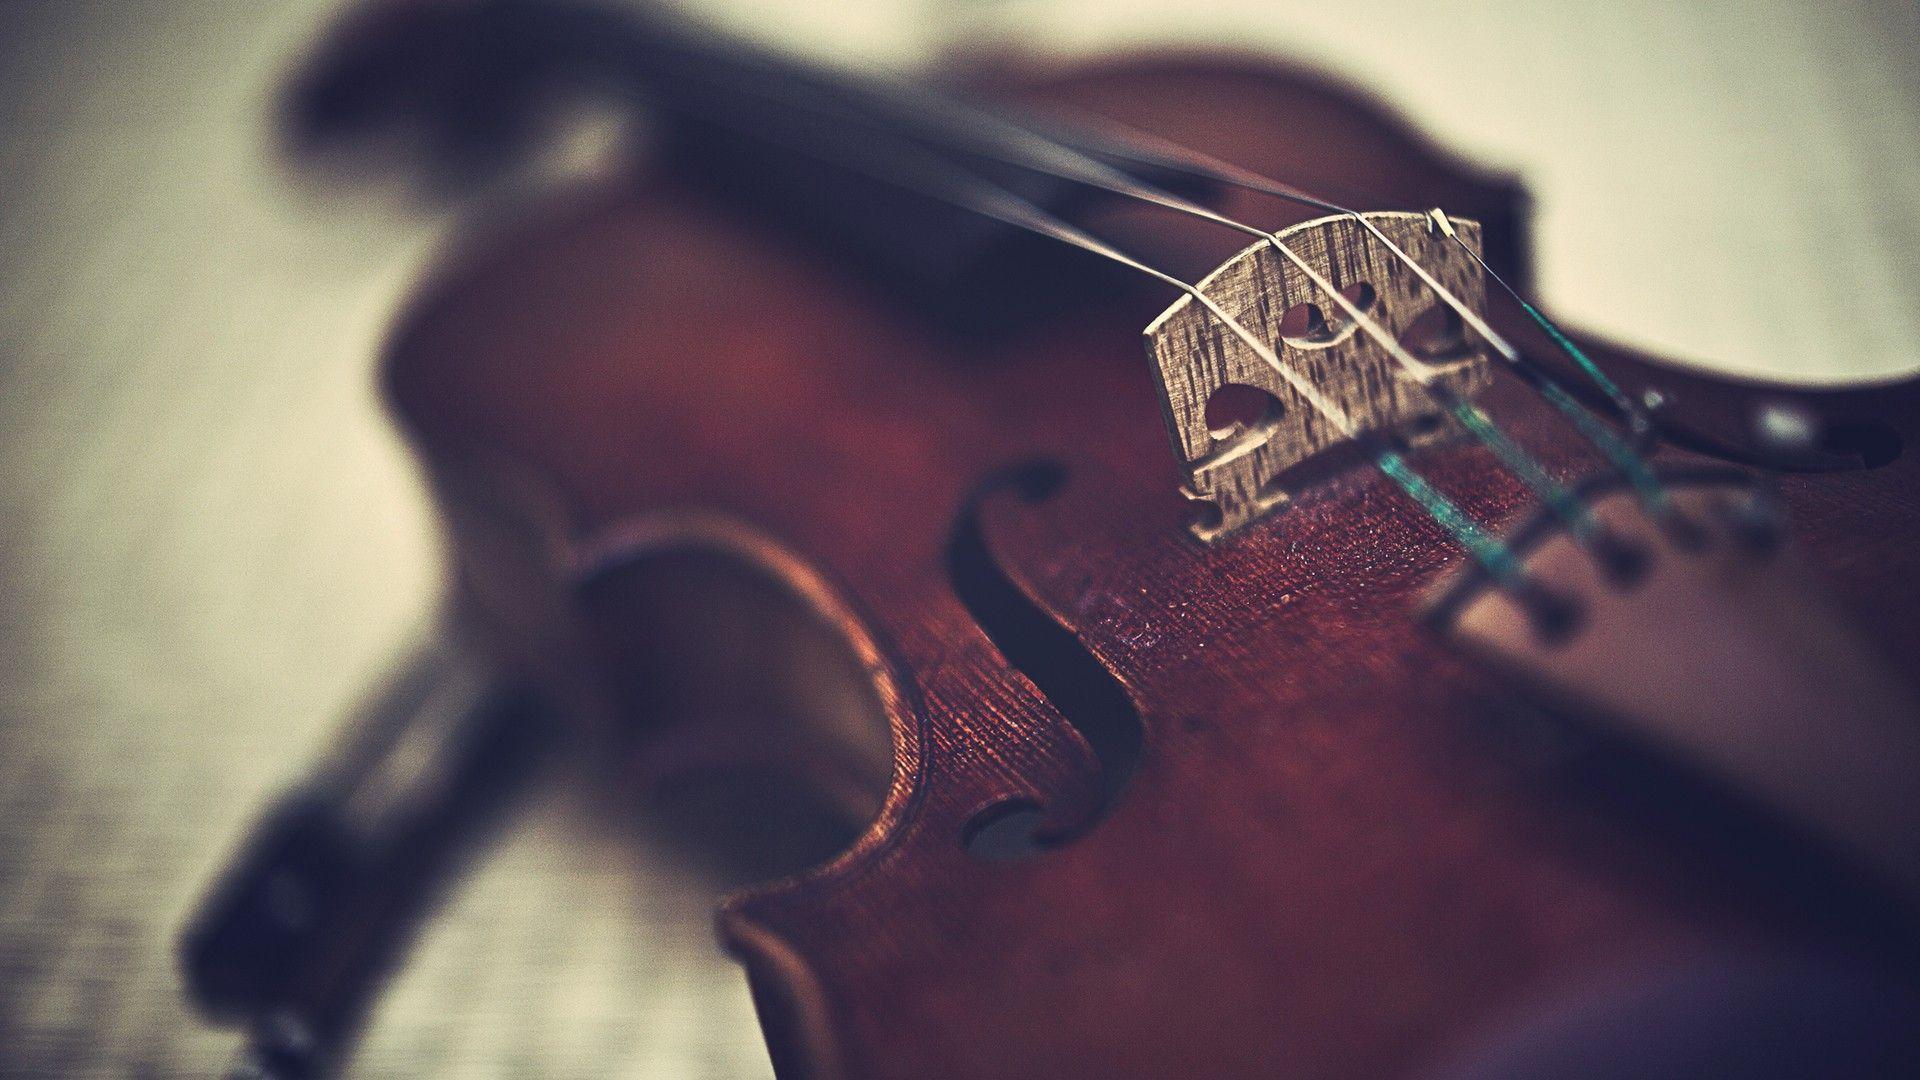 Violin Is An Instrument Wallpaper HD 8715 #3135 Wallpaper | High ...